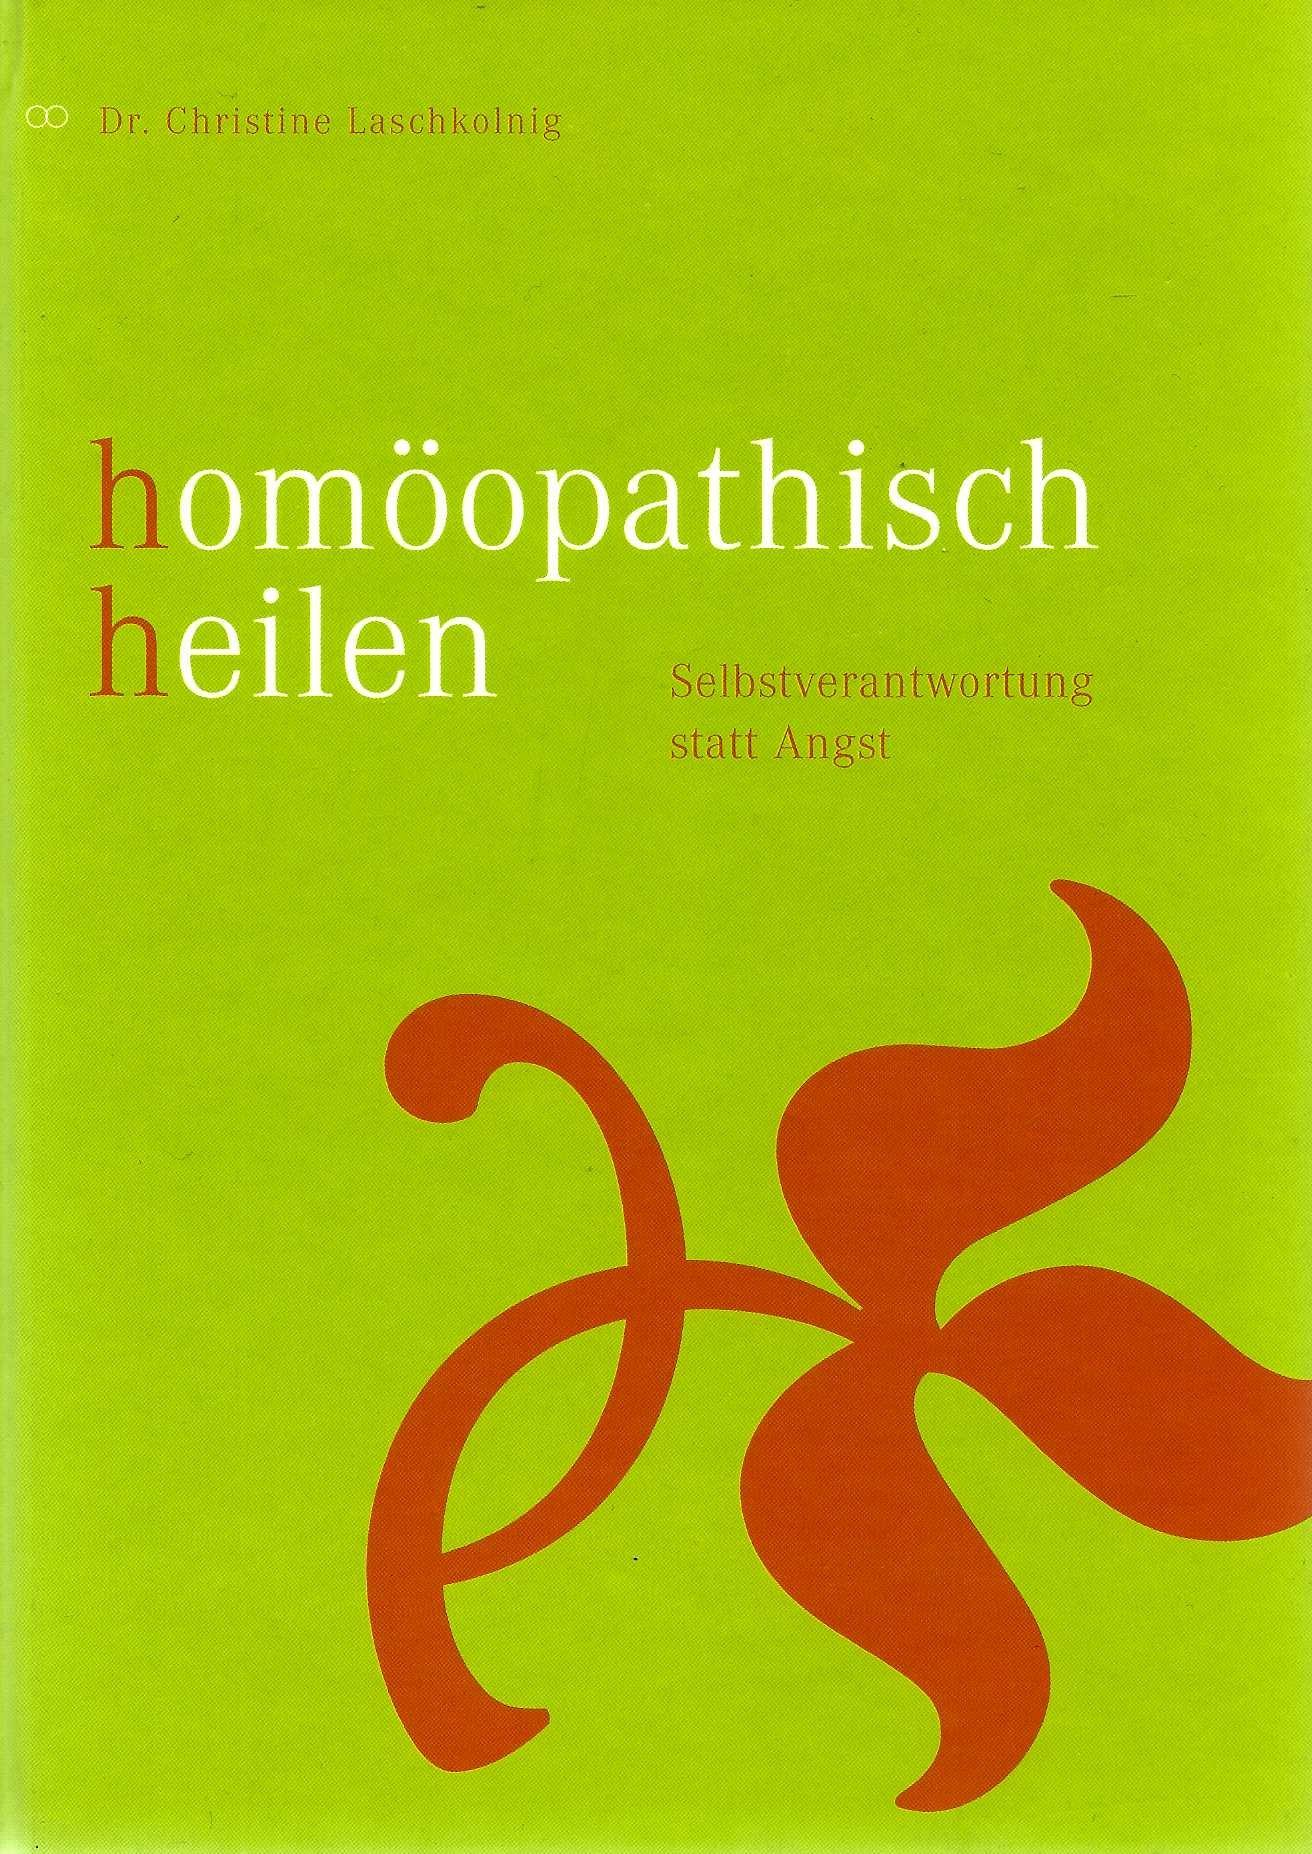 Homöopathisch heilen: Selbstverantwortung statt Angst